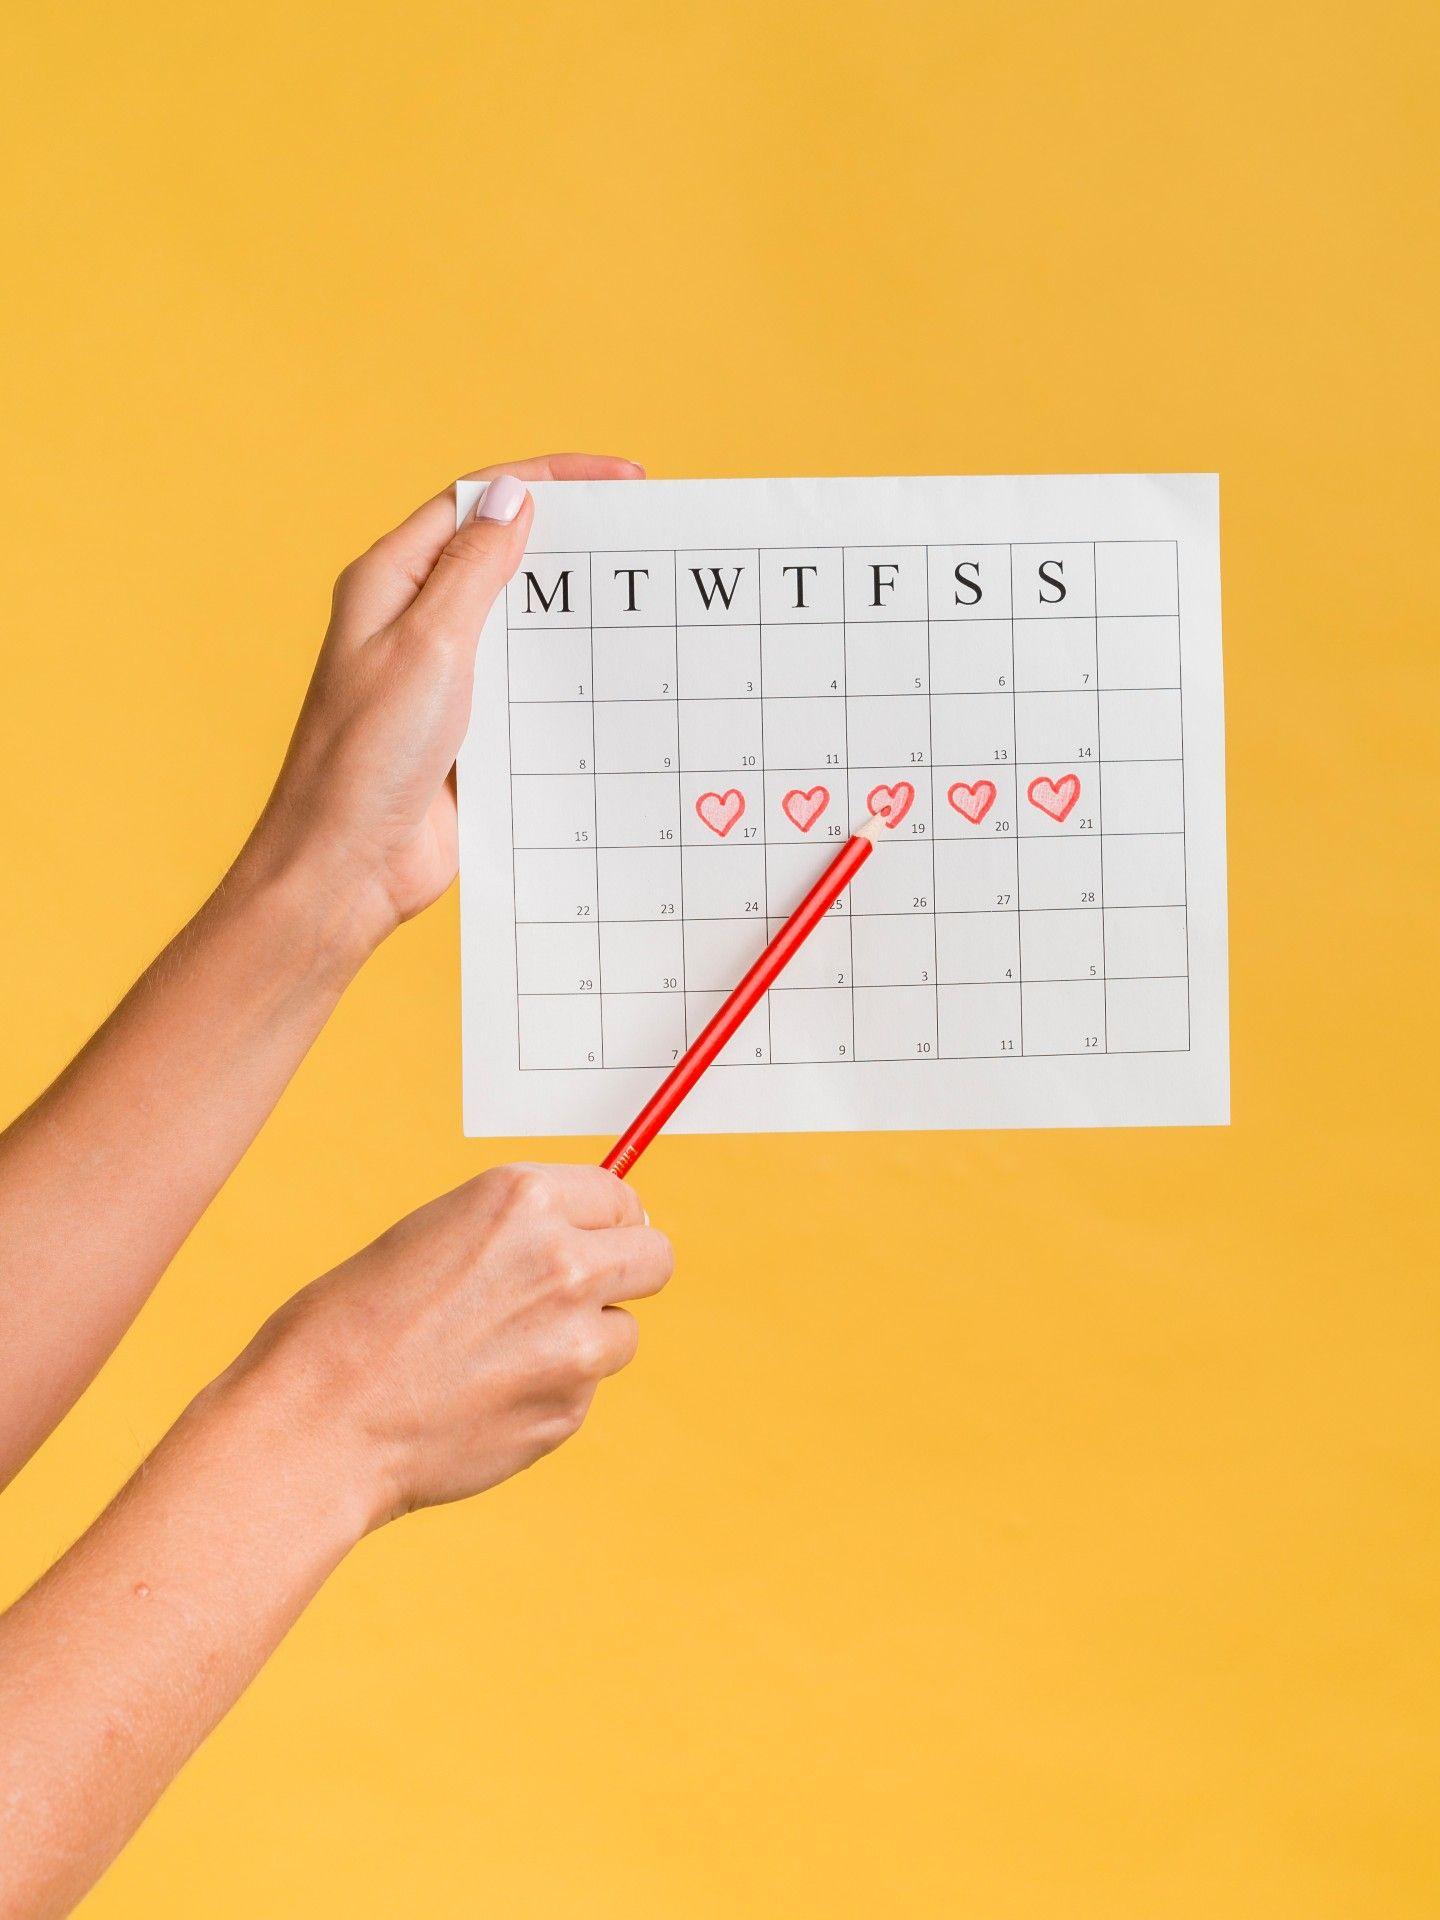 Cara Menghitung Weton Sebelum Menikah : menghitung, weton, sebelum, menikah, Menghitung, Kalender, Weton, Untuk, Pernikahan